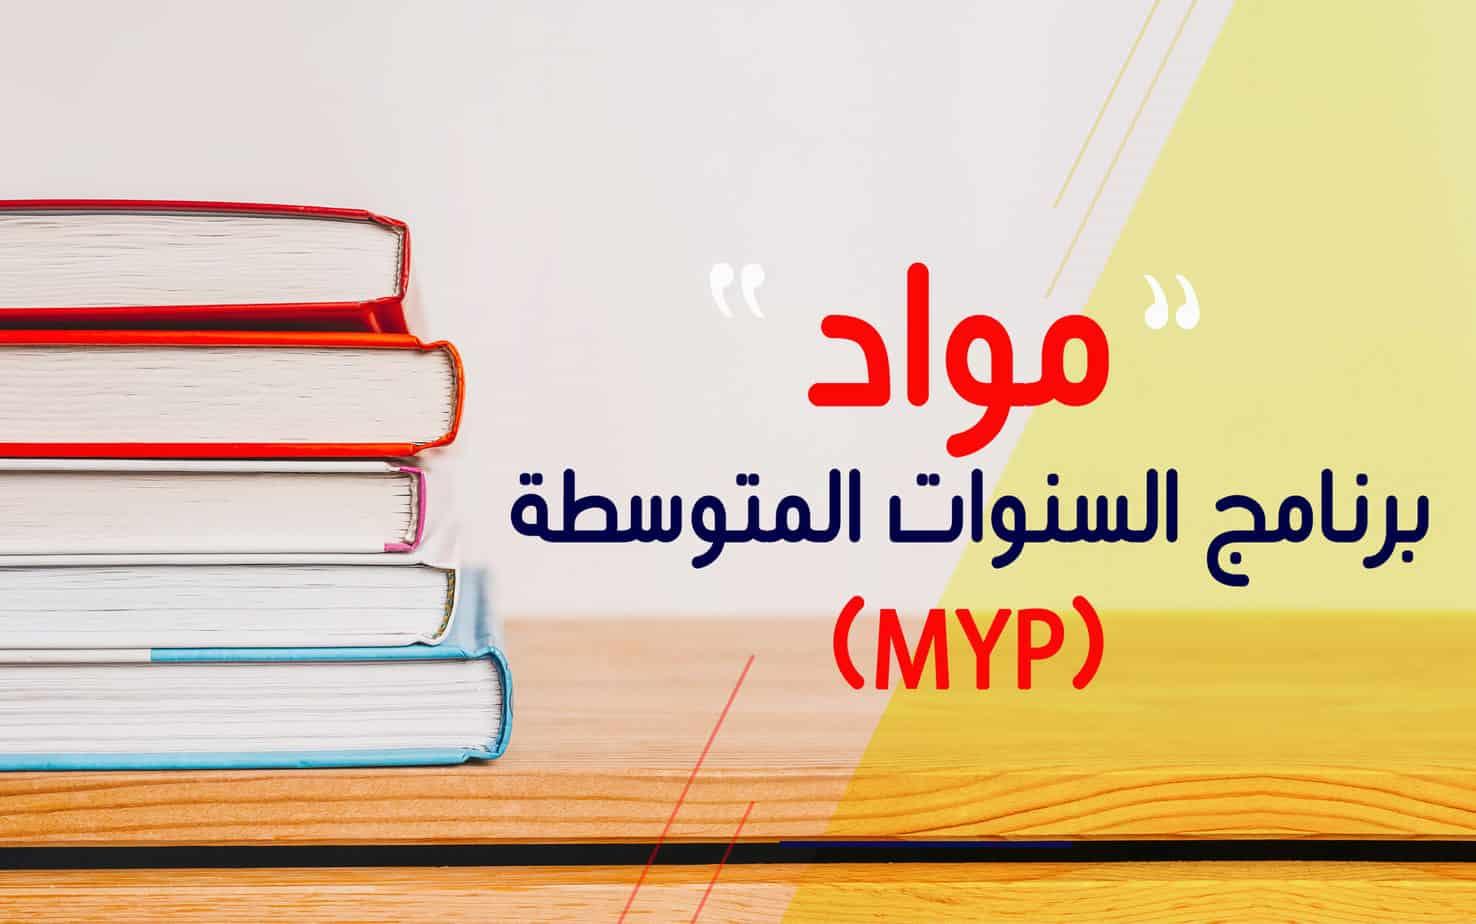 مواد برنامج السنوات المتوسطة (MYP)